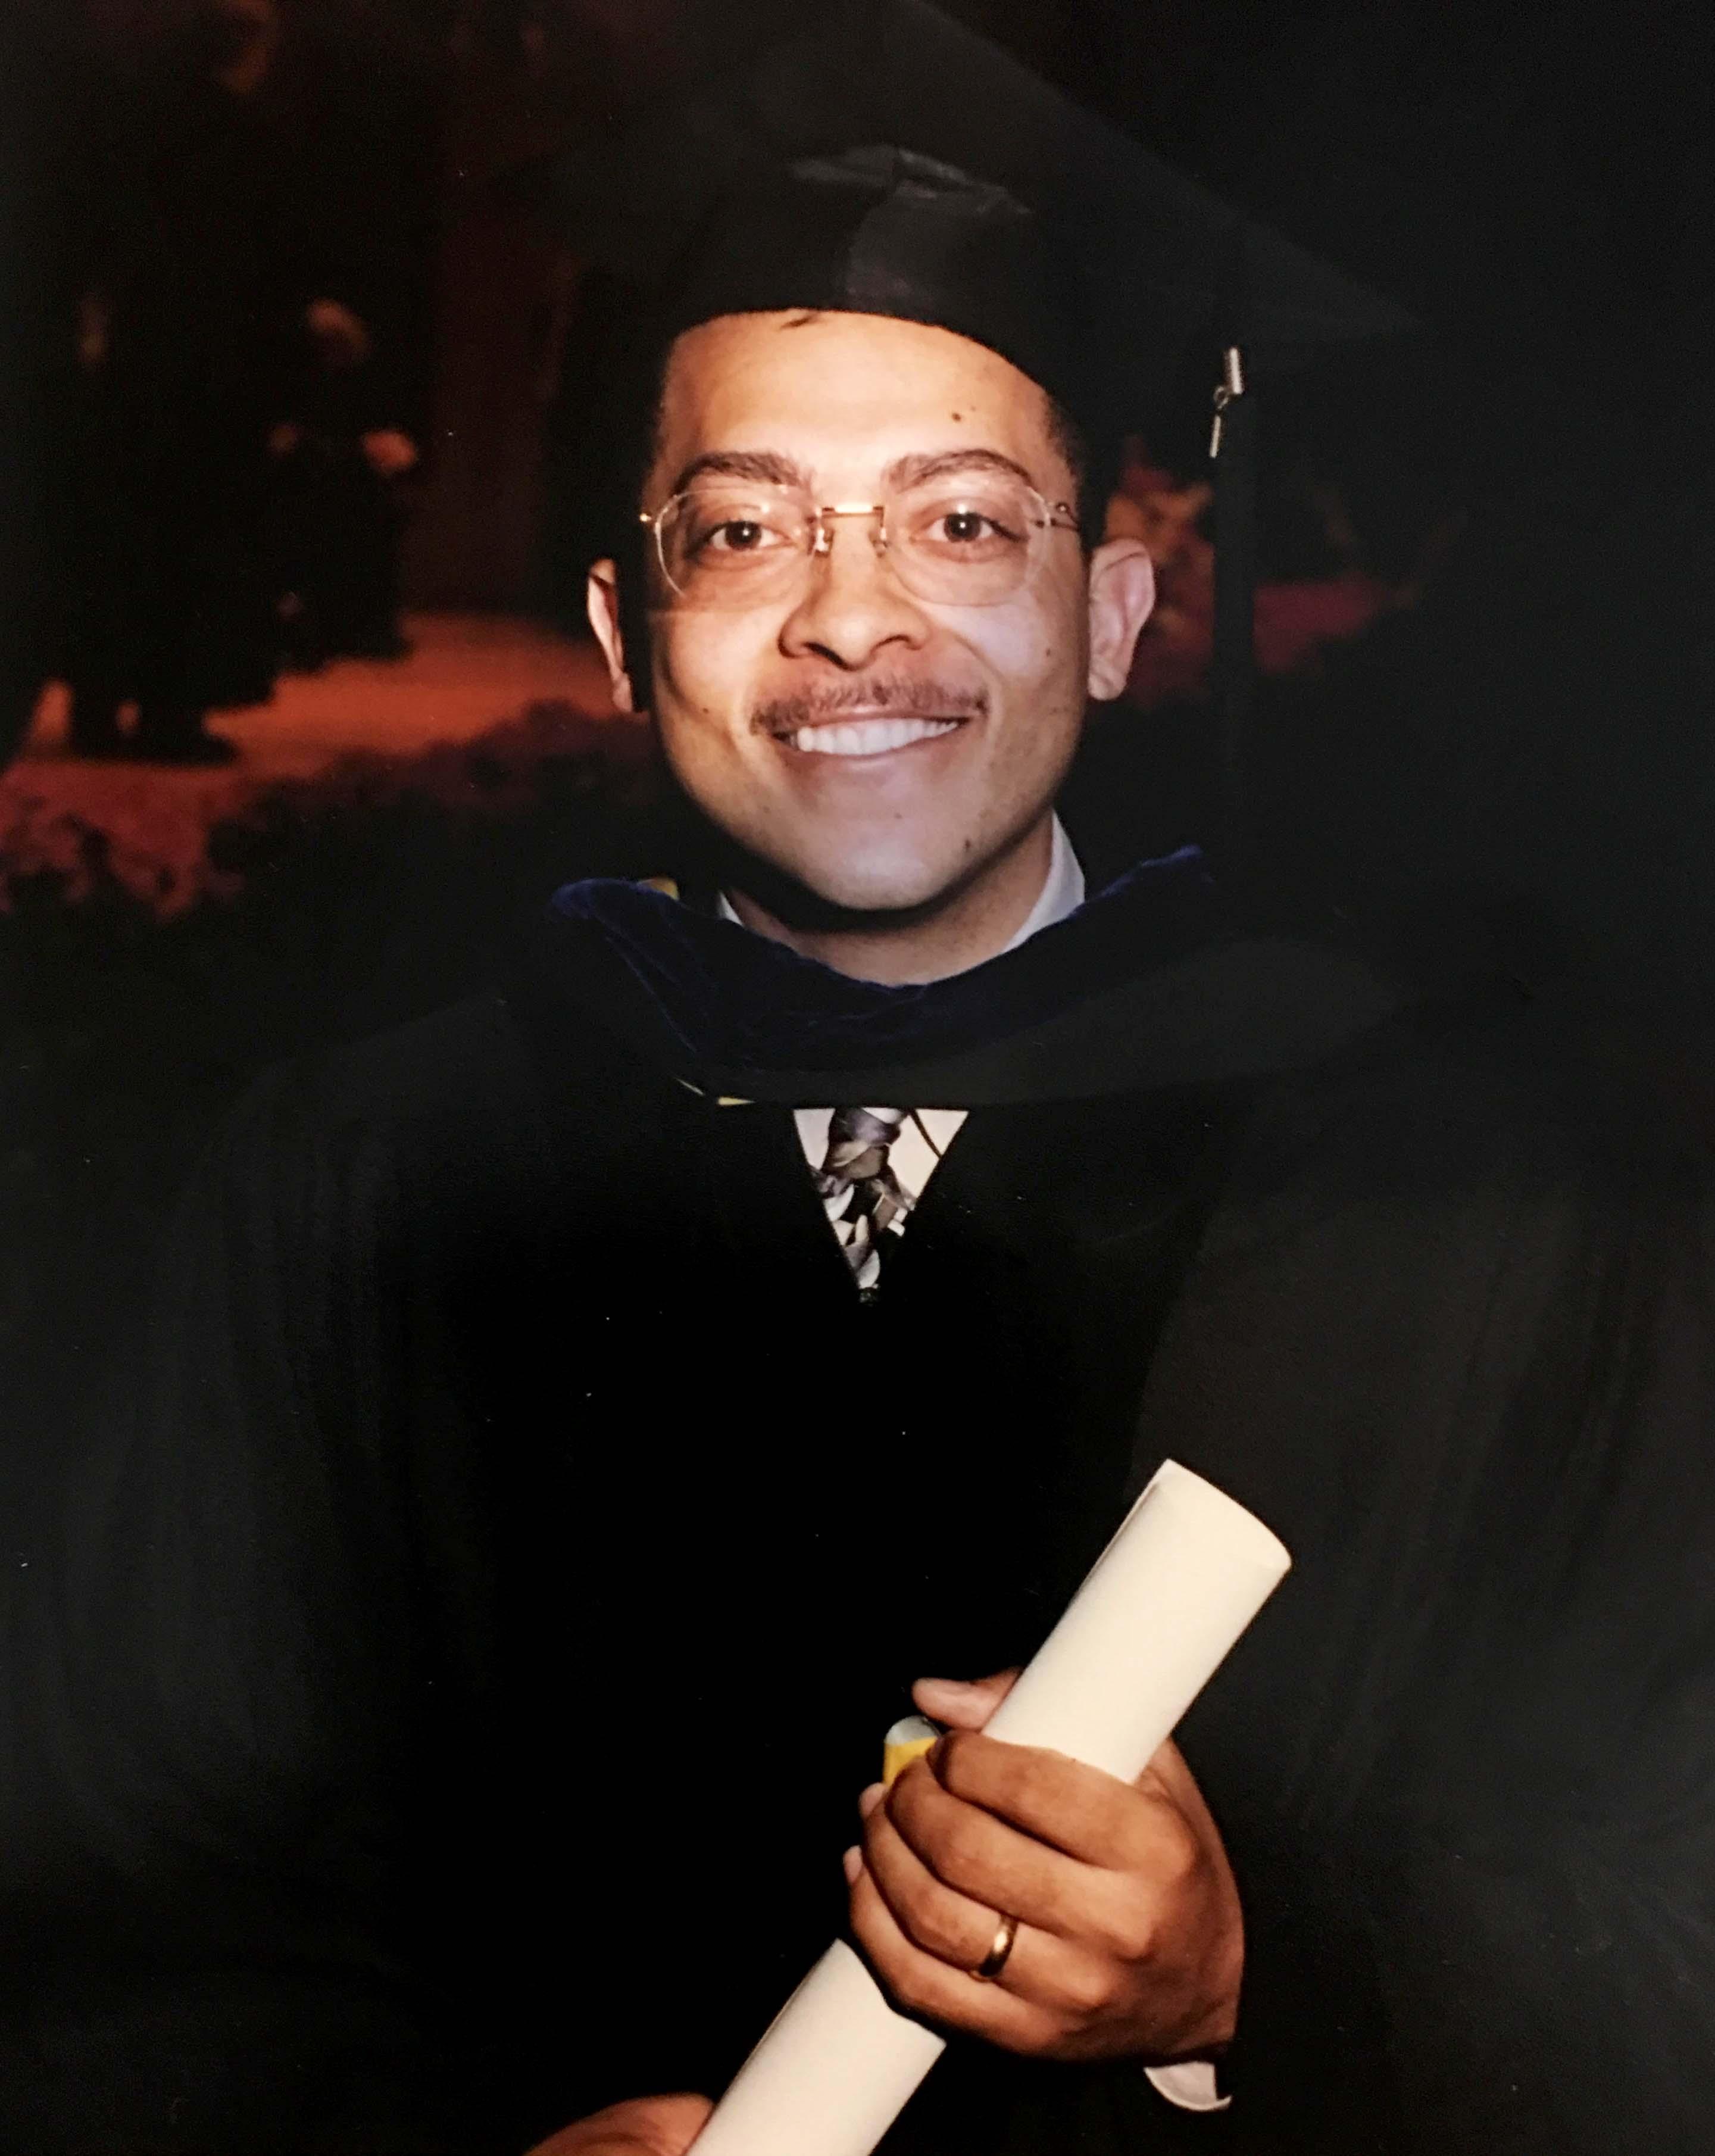 Isaac Porche holding diploma